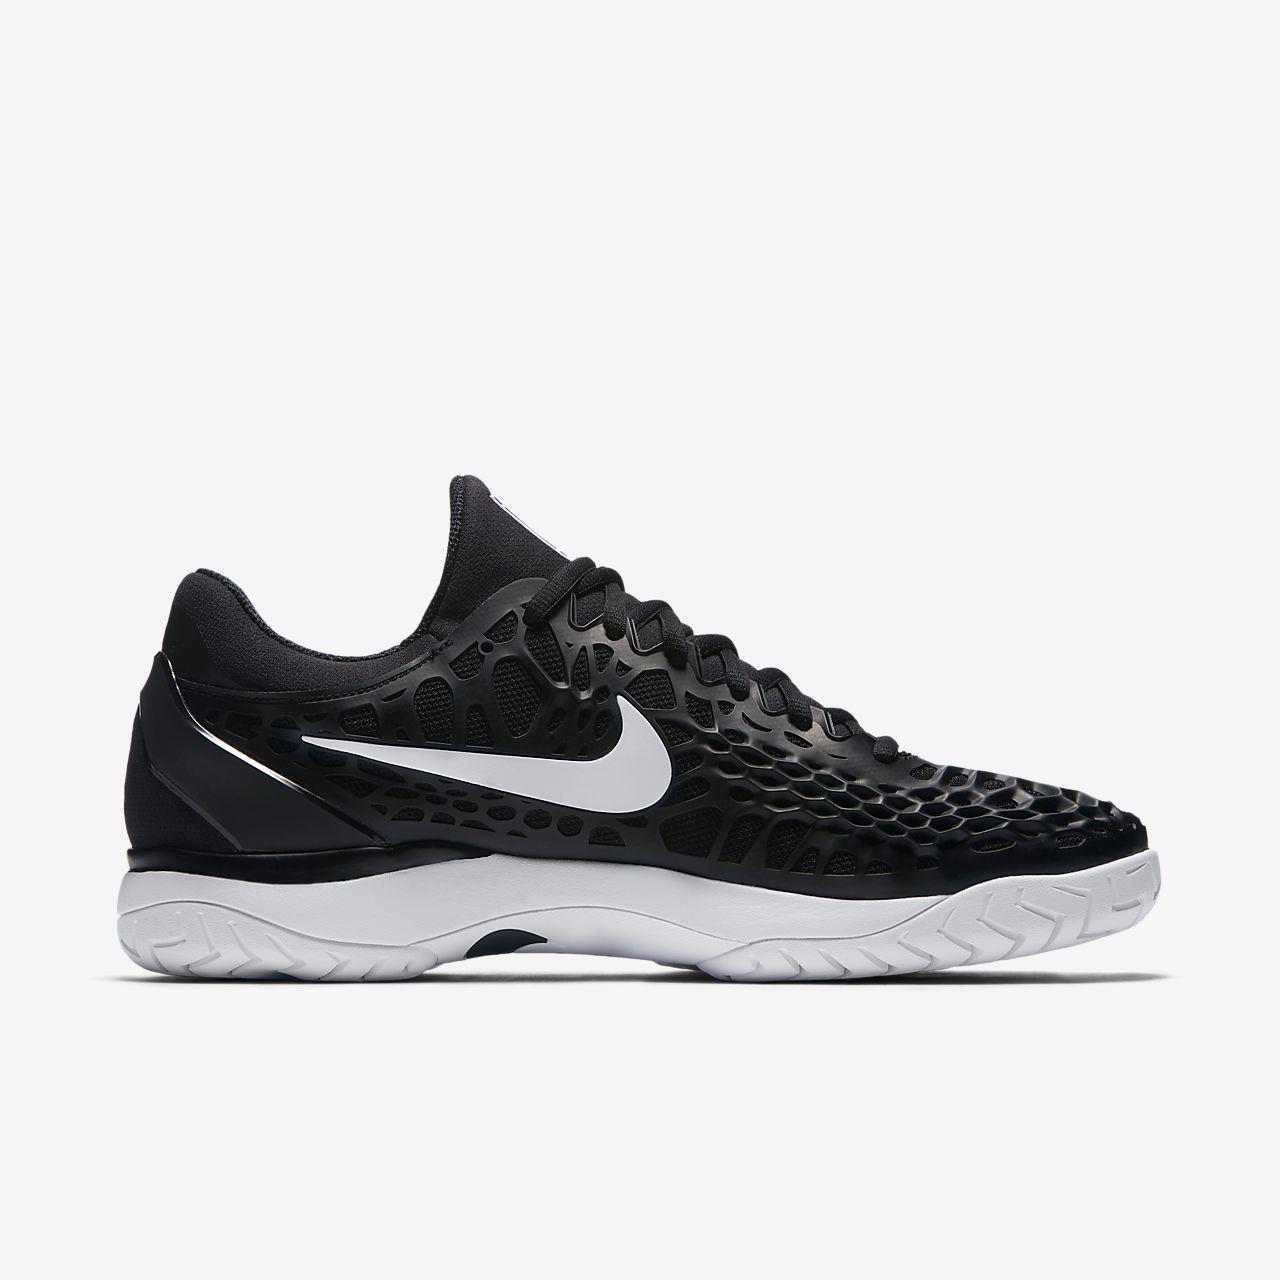 0304dccfbb67 NikeCourt Zoom Cage 3 Men s Hard Court Tennis Shoe. Nike.com PT